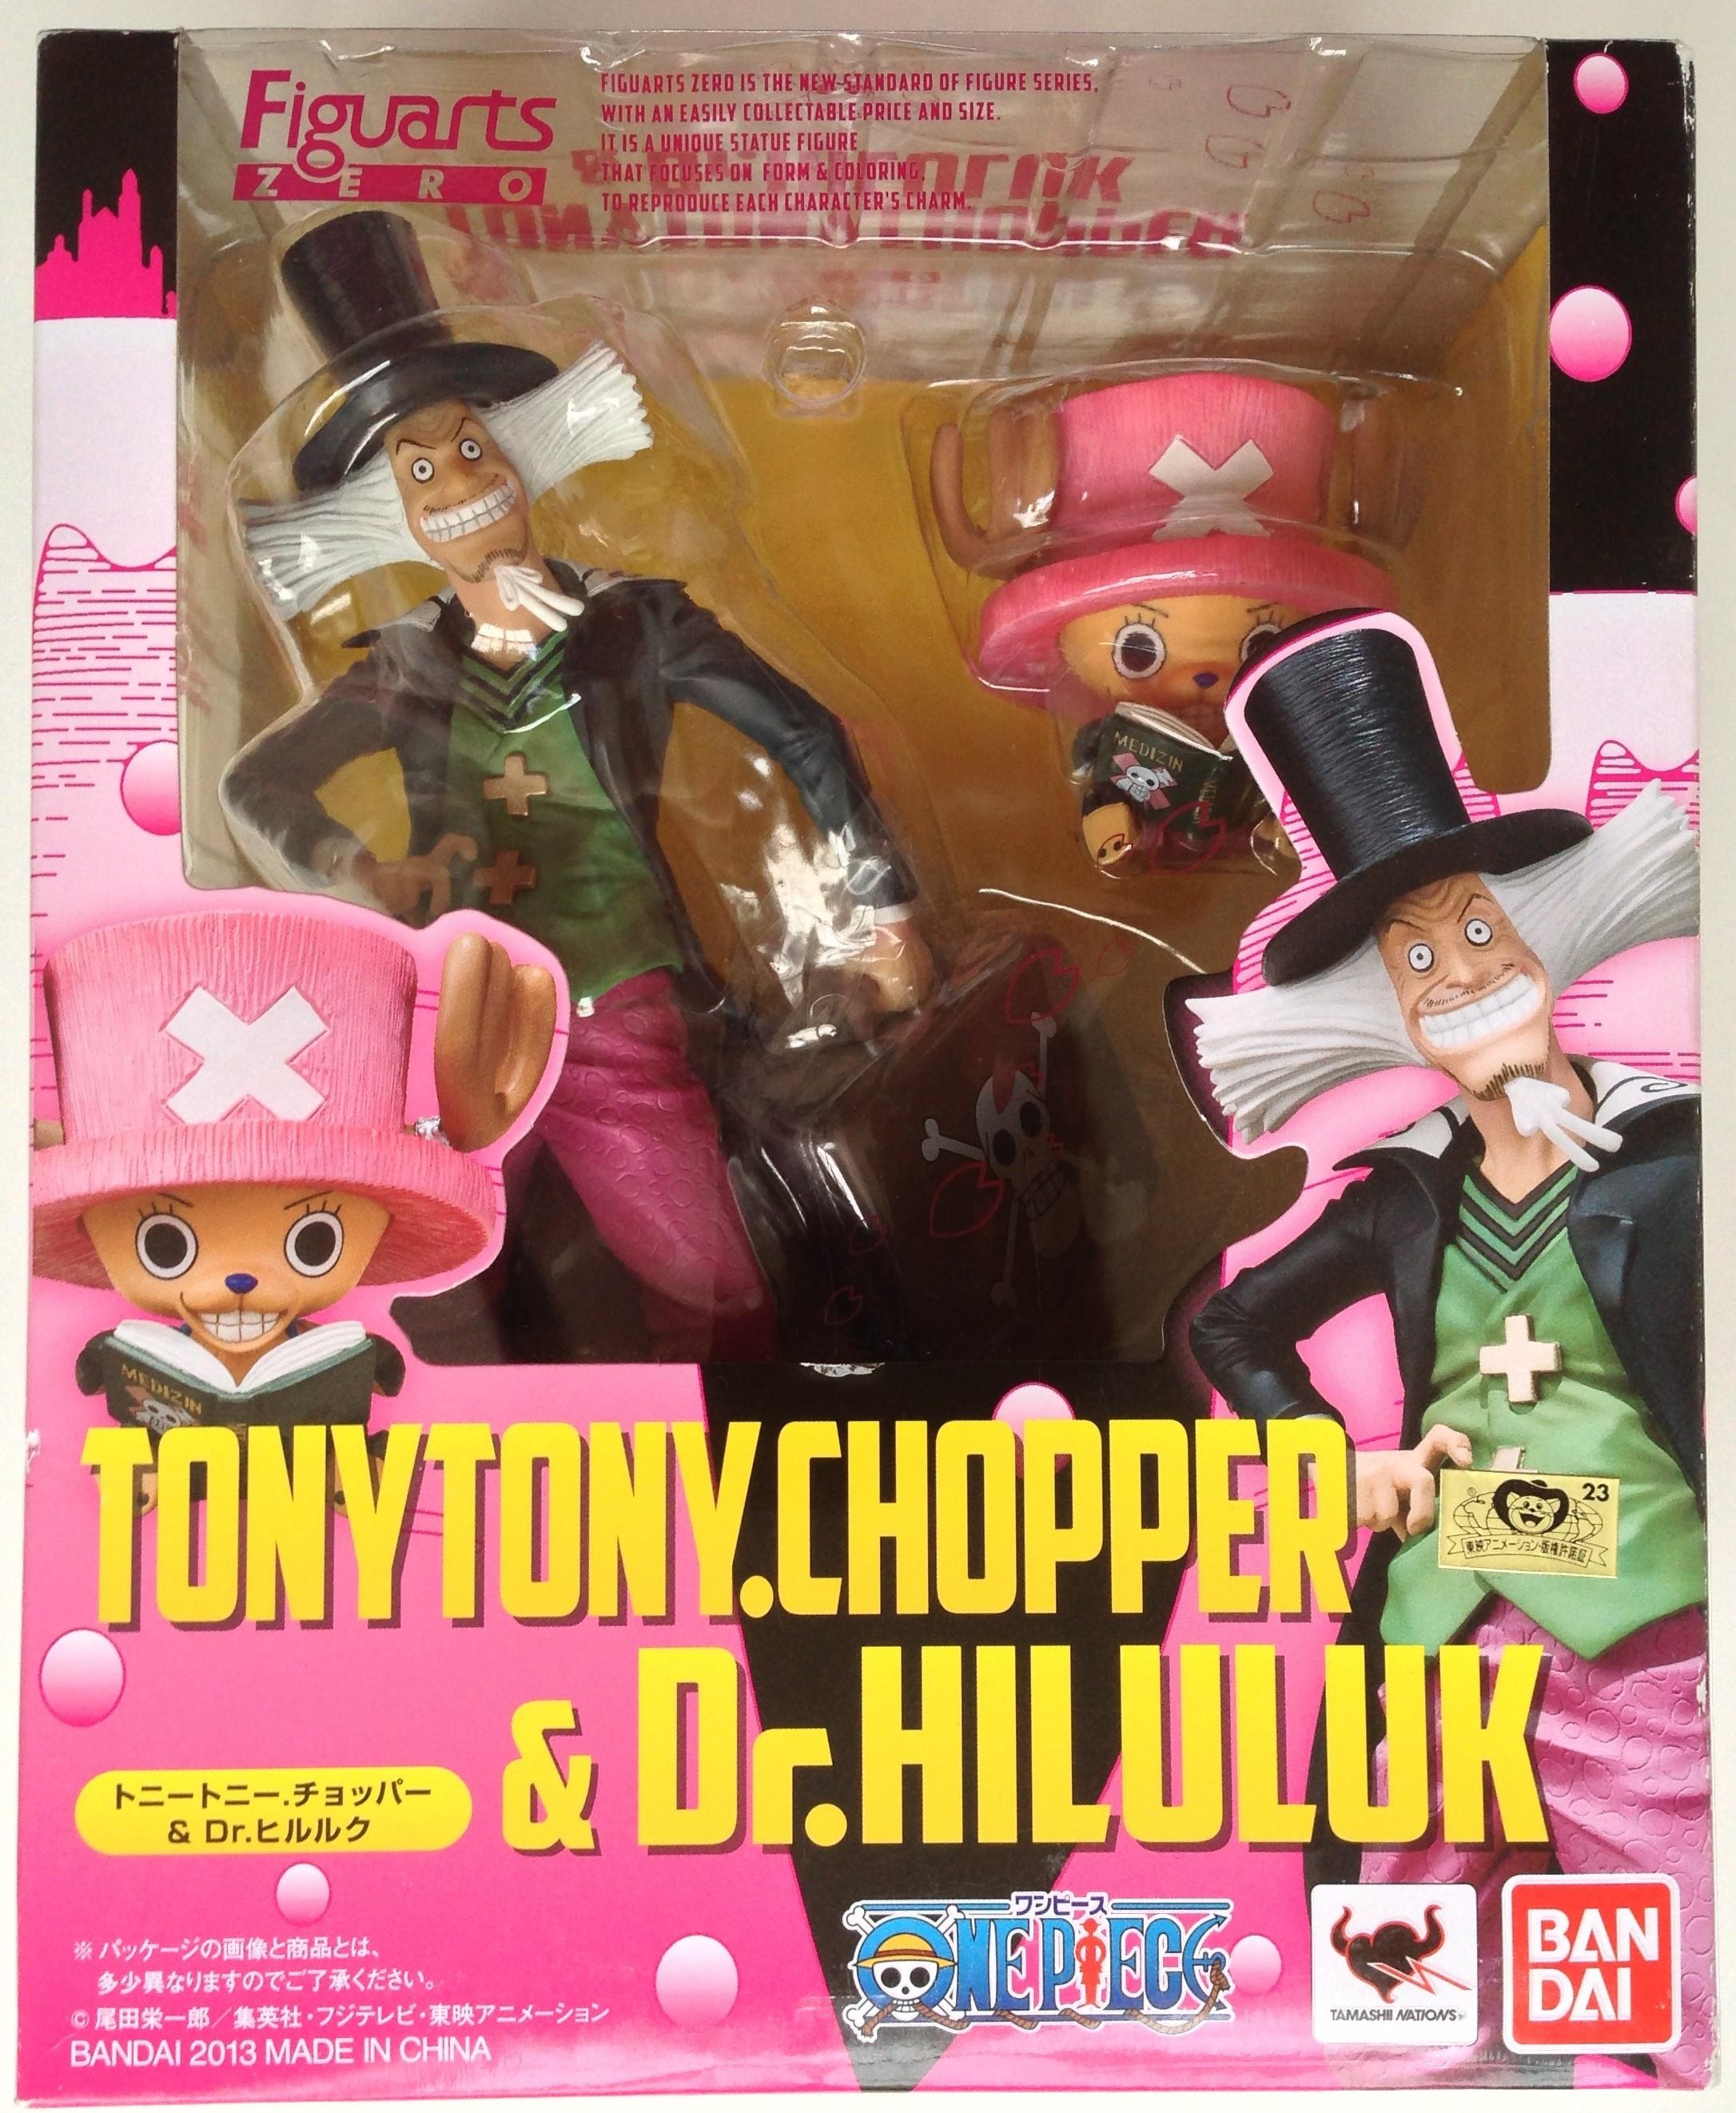 TONY TONY.CHOPPER & DR.HILULUK BANDAI